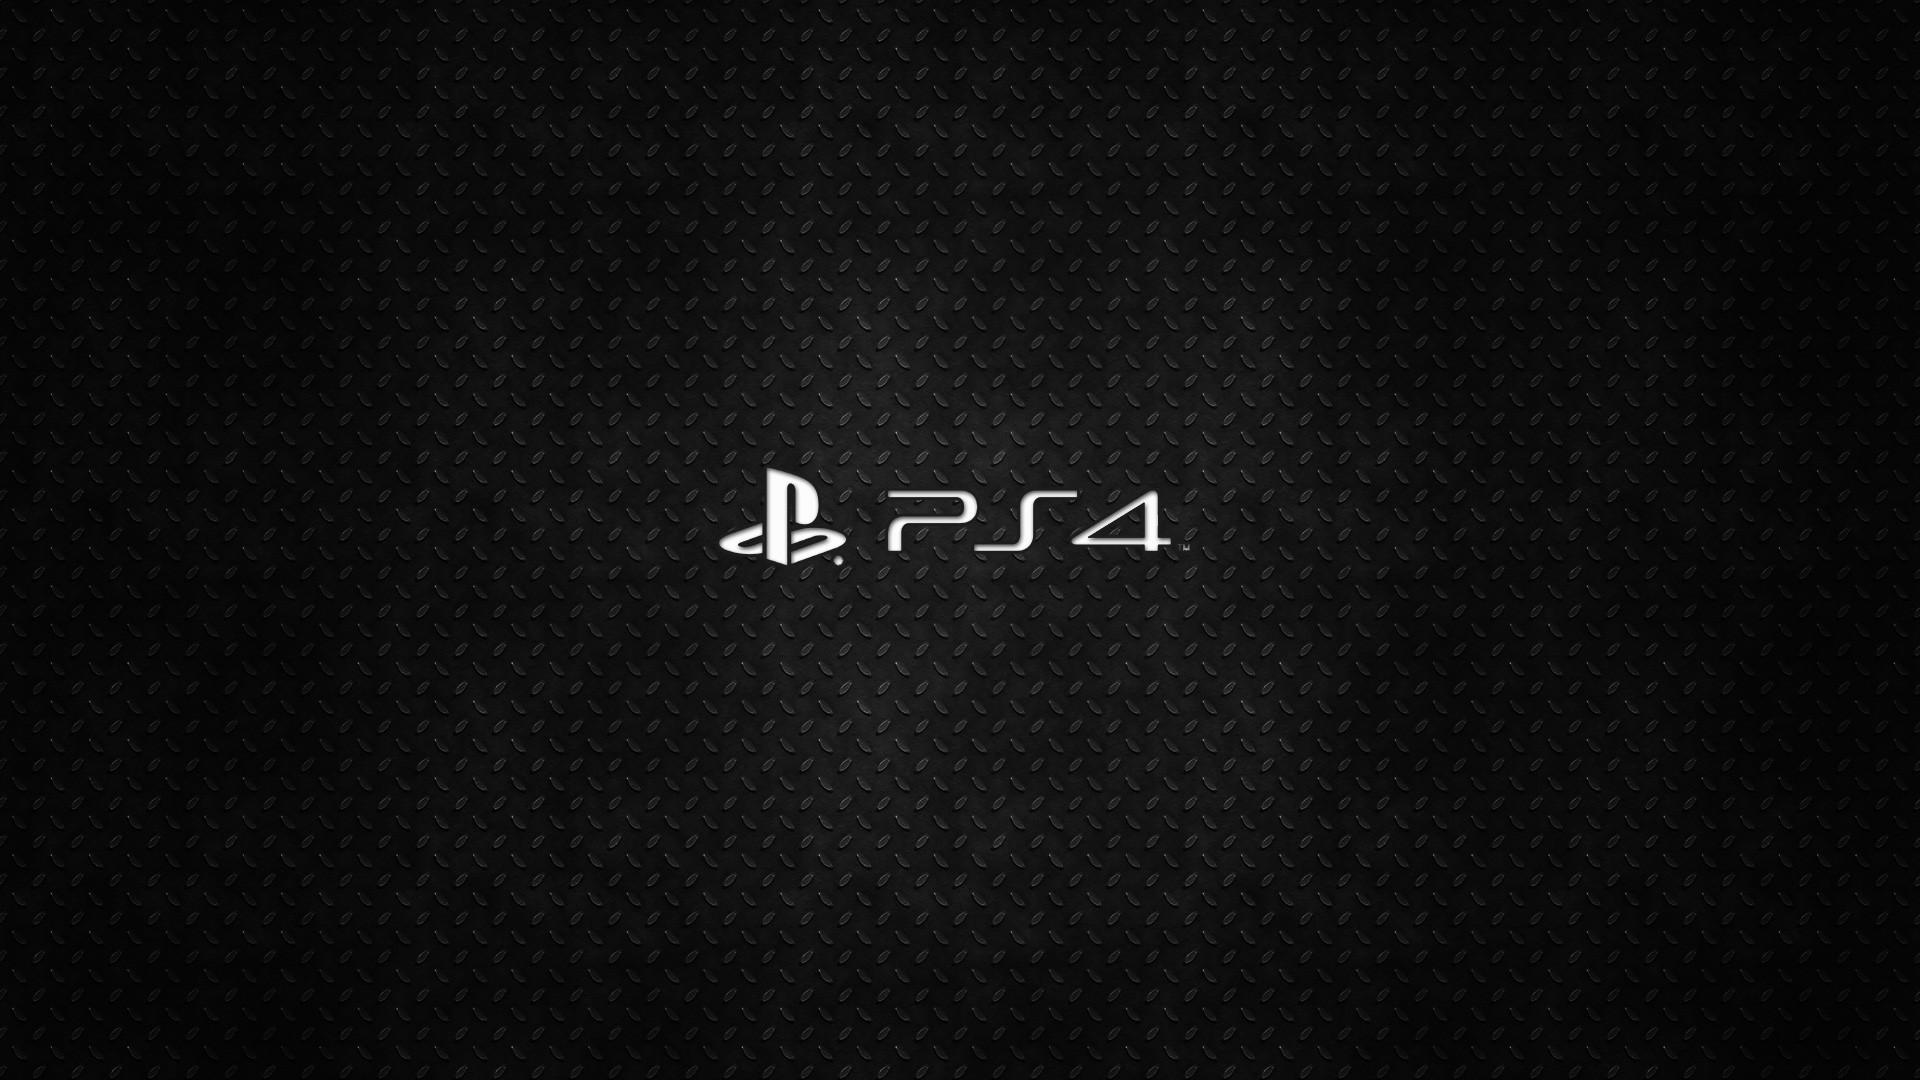 Playstation 4 Logo Wallpaper